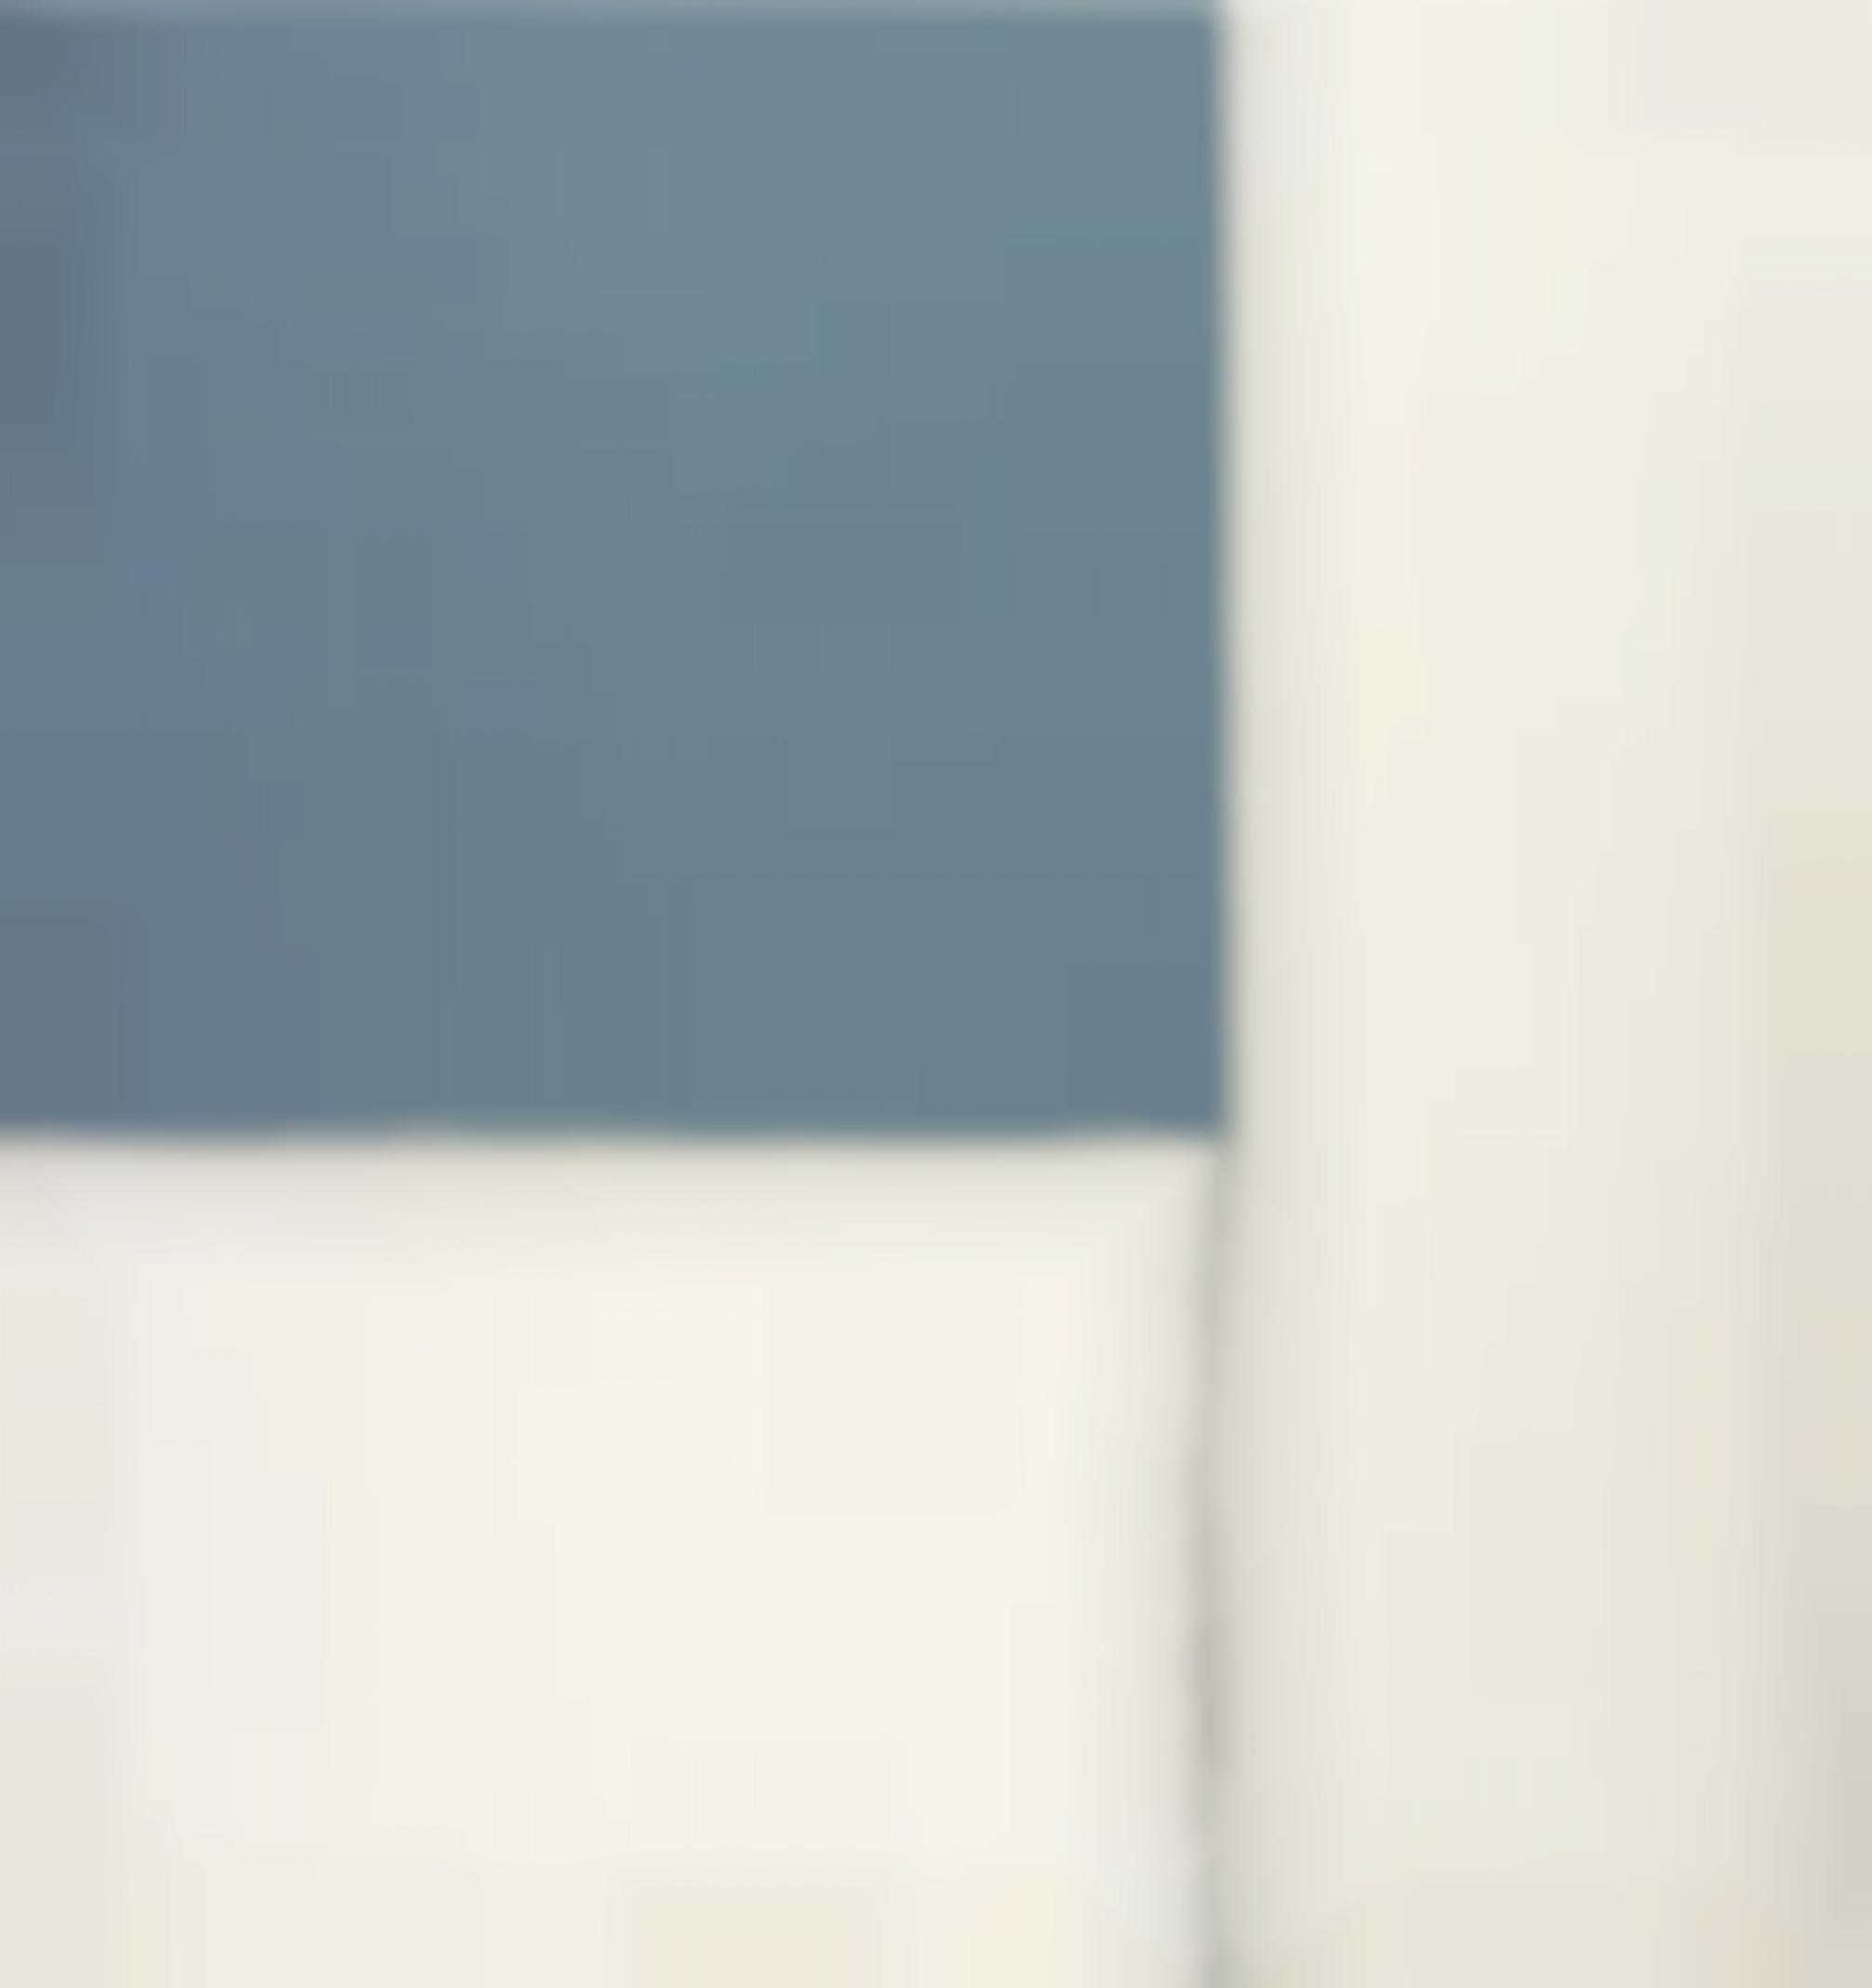 Callum Innes-Exposed Painting, Grey-1996